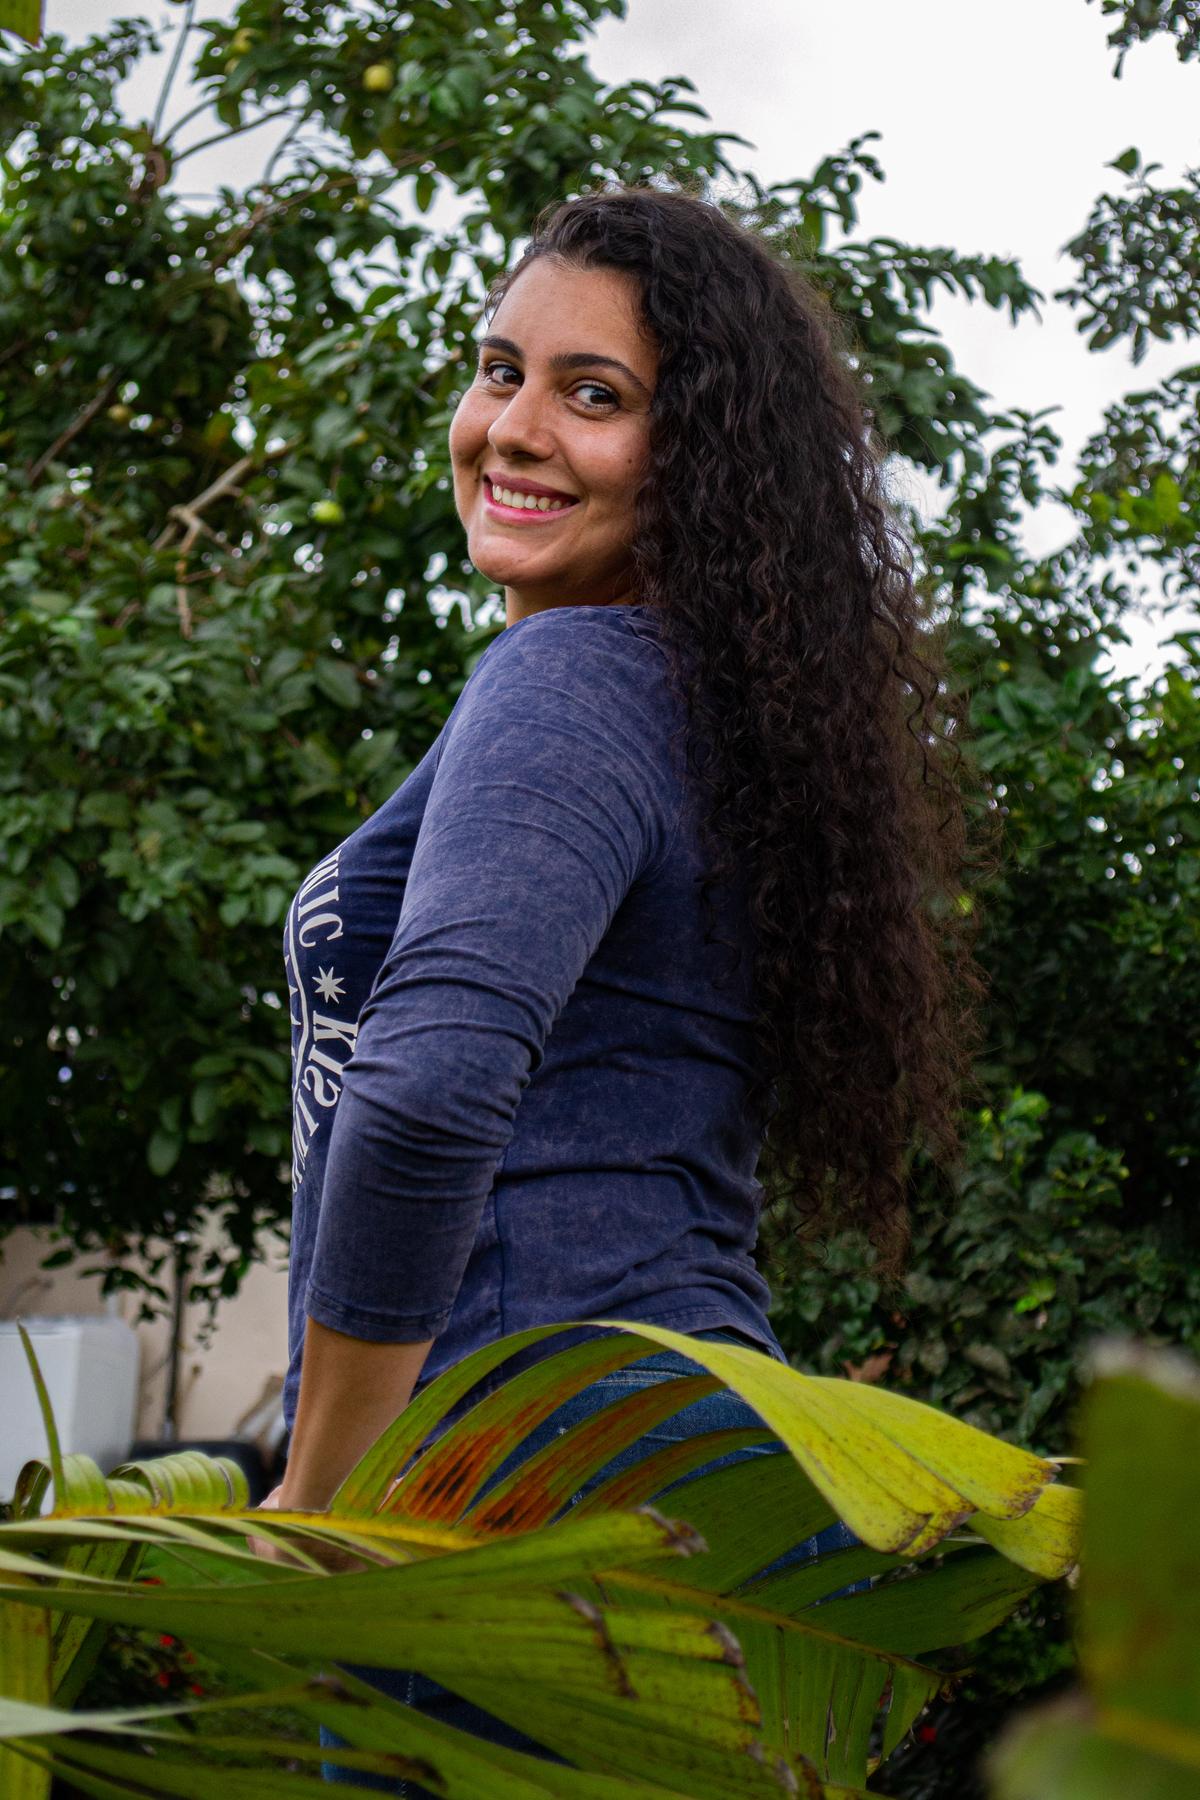 21ª Naiara Sou uma mulher linda sim, mas prefiro ser reconhecida pela minha inteligência.